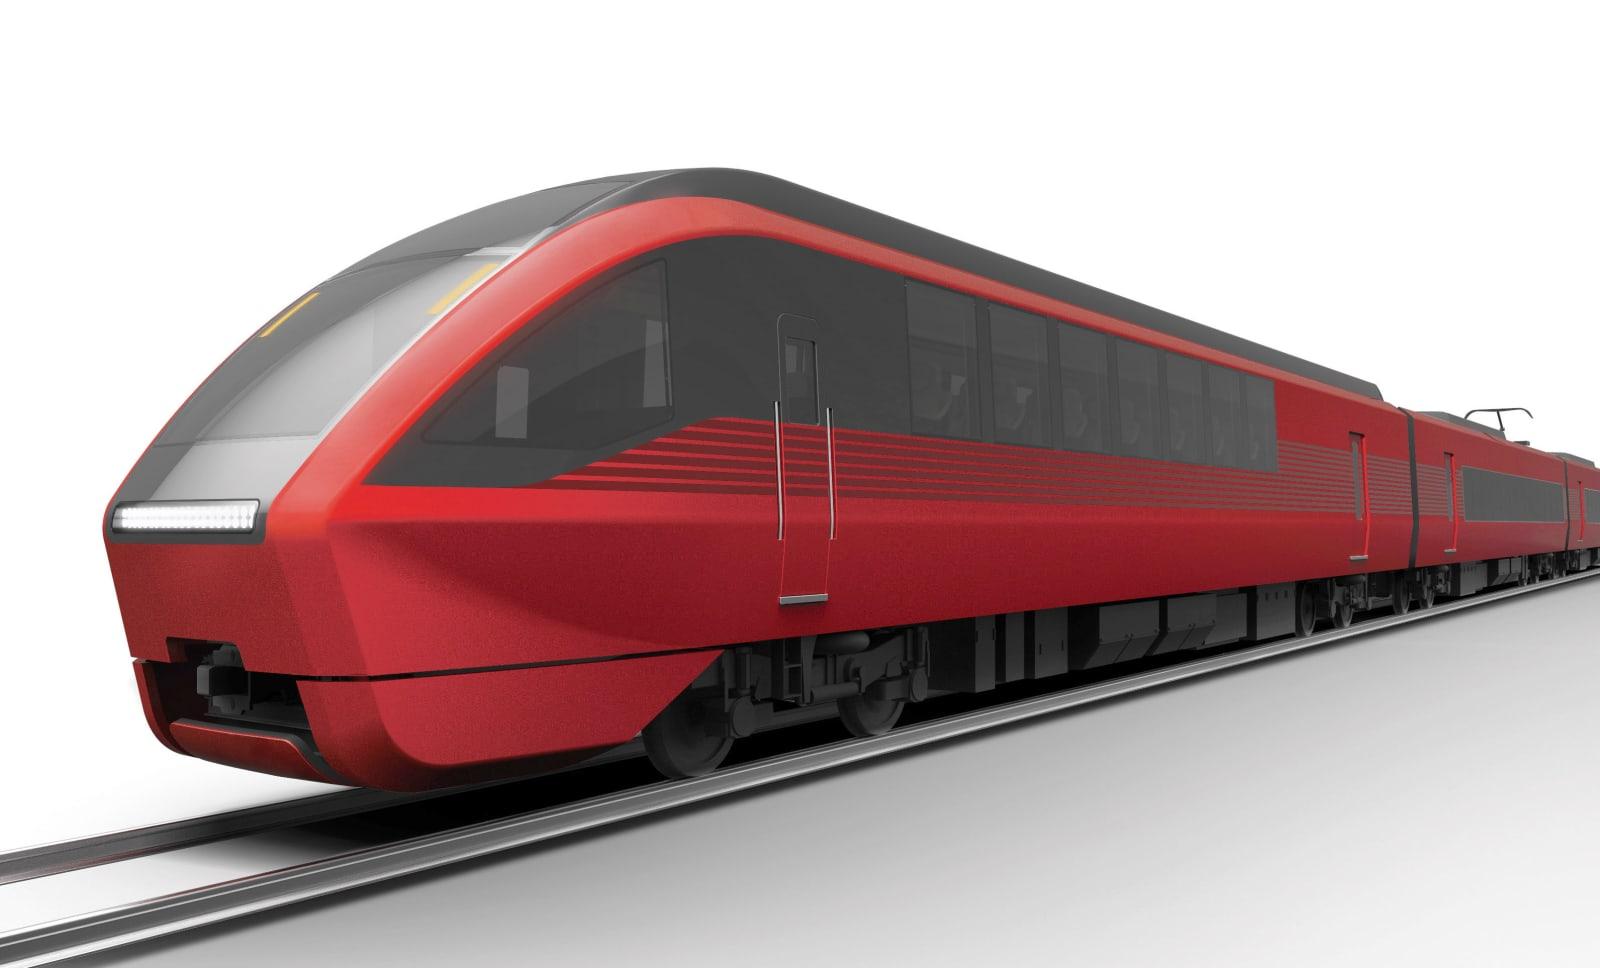 【鉄道】近鉄、20年春に新型車両導入 名阪に真っ赤な特急 ->画像>25枚